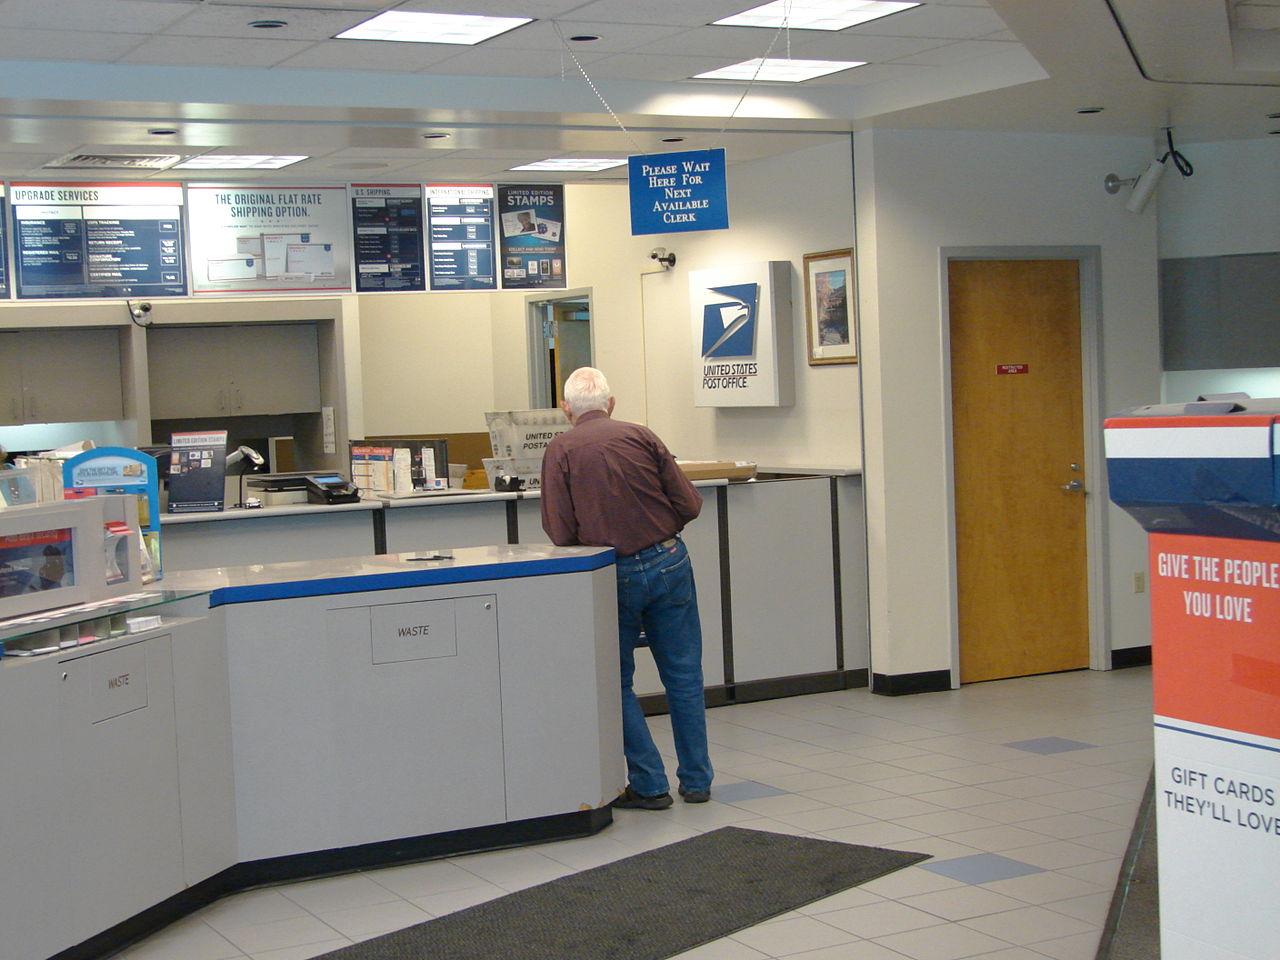 File:Interior of Spanish Fork City Post Office, Utah 02 JPG